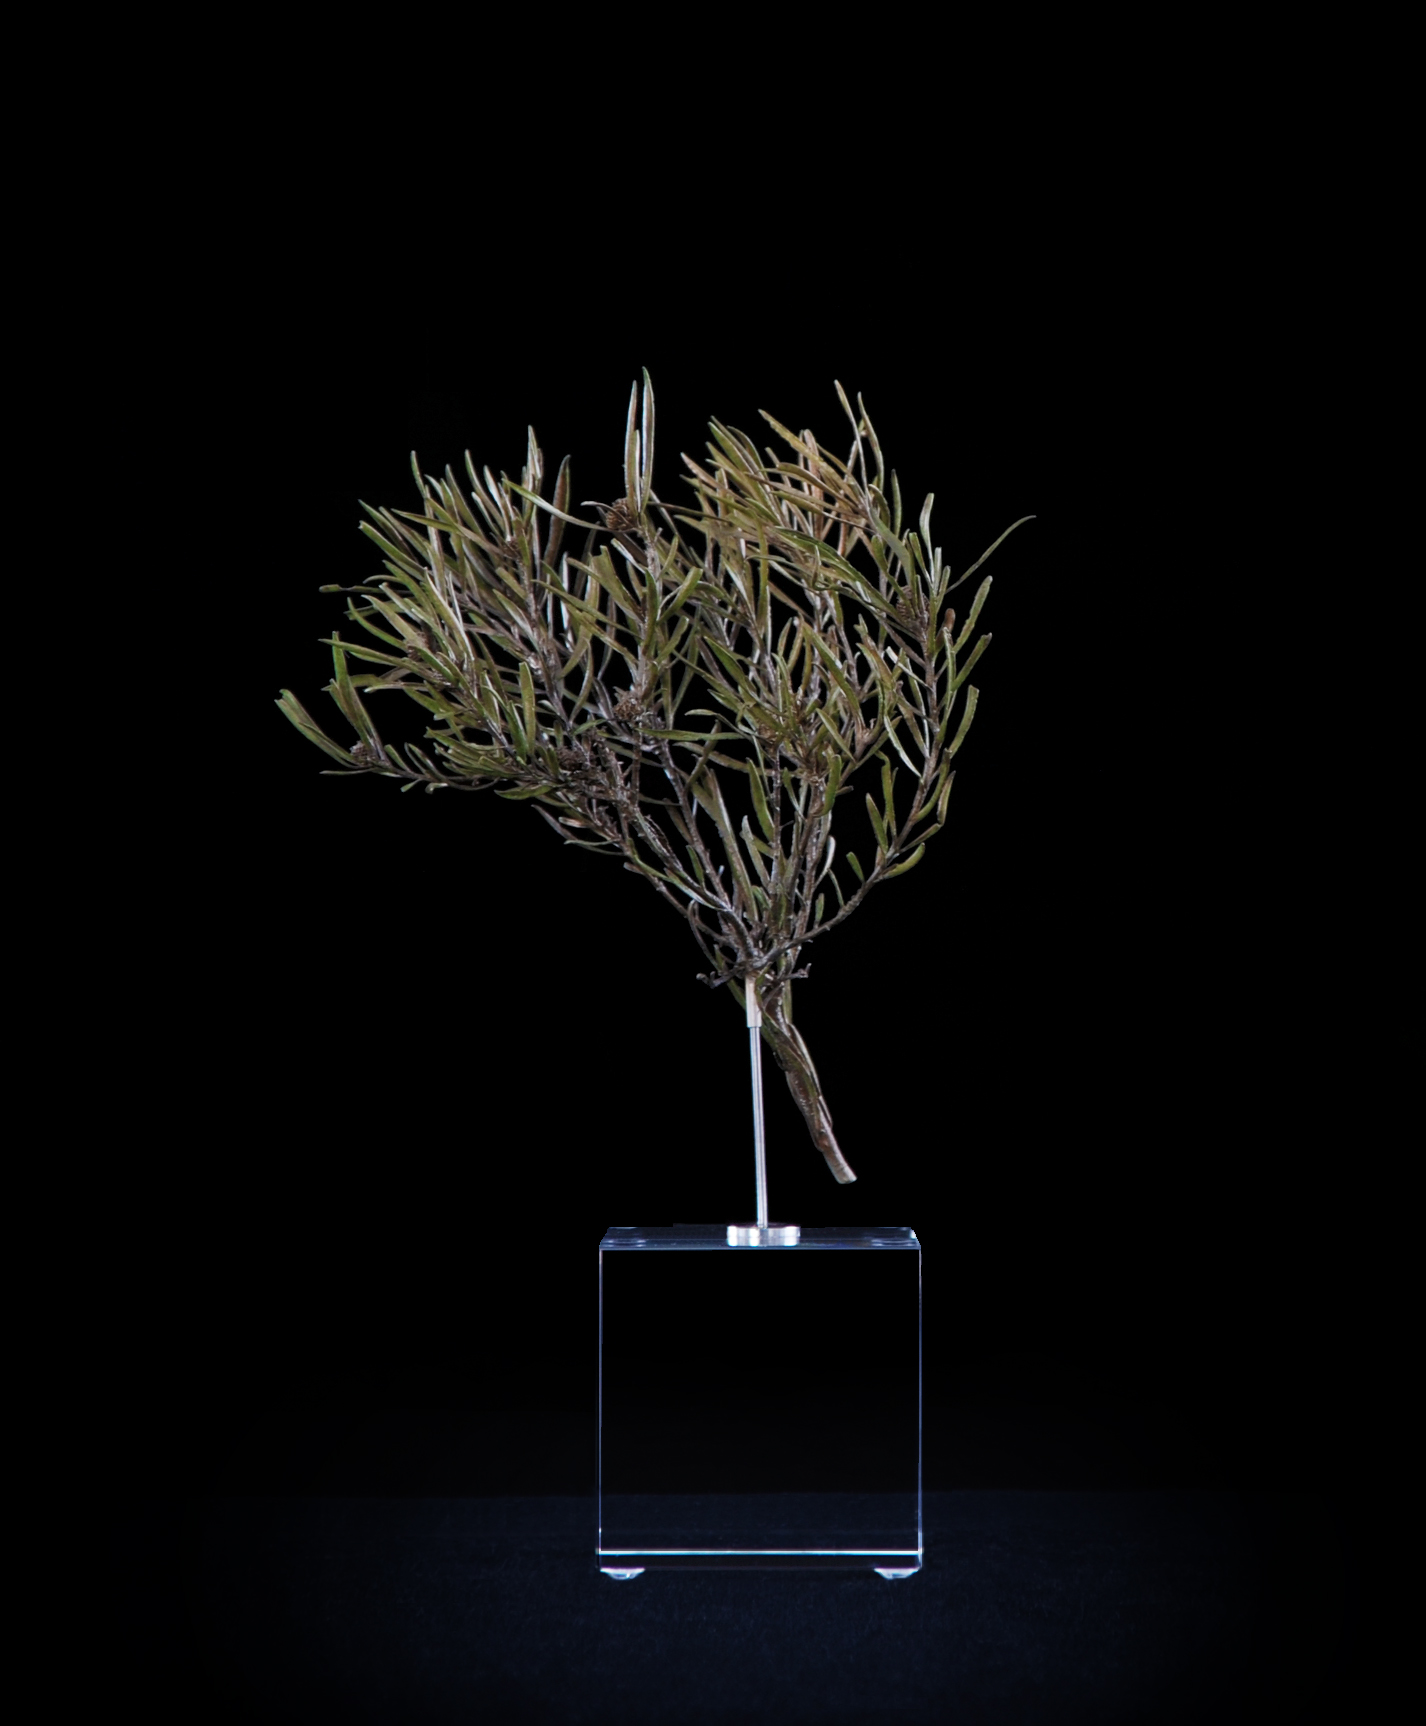 <i>Leucadendron salignum ♂ (male)</i>